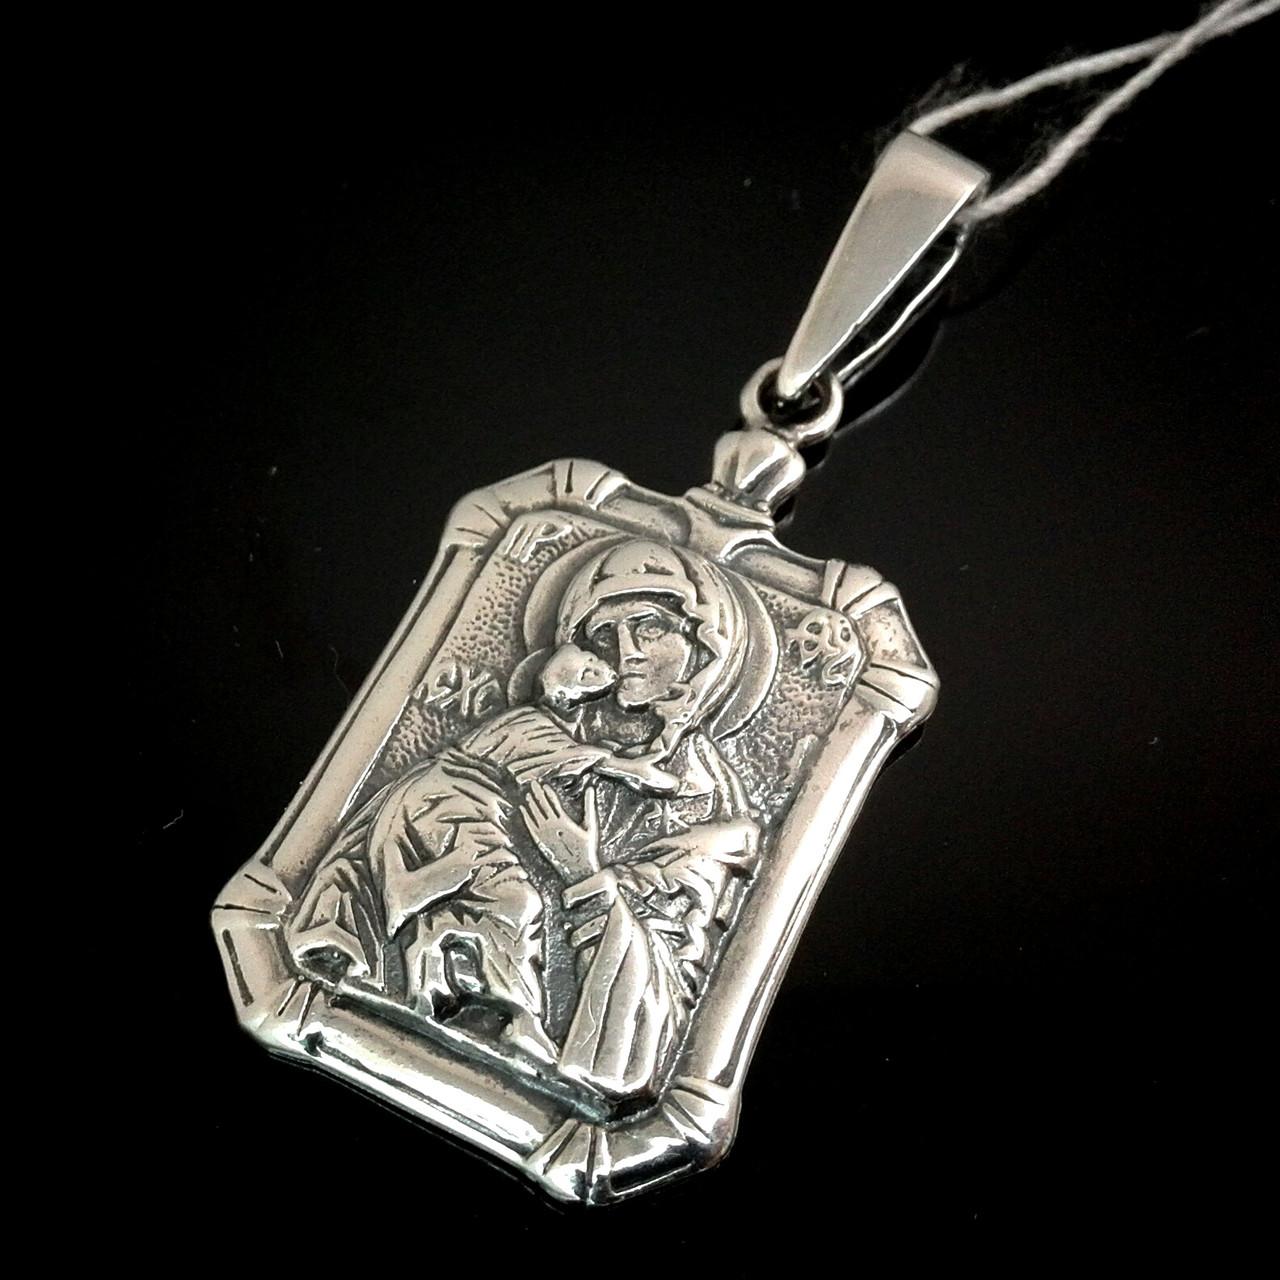 Срібна підвіска-ладанка Свята Богородиця, 7 грам